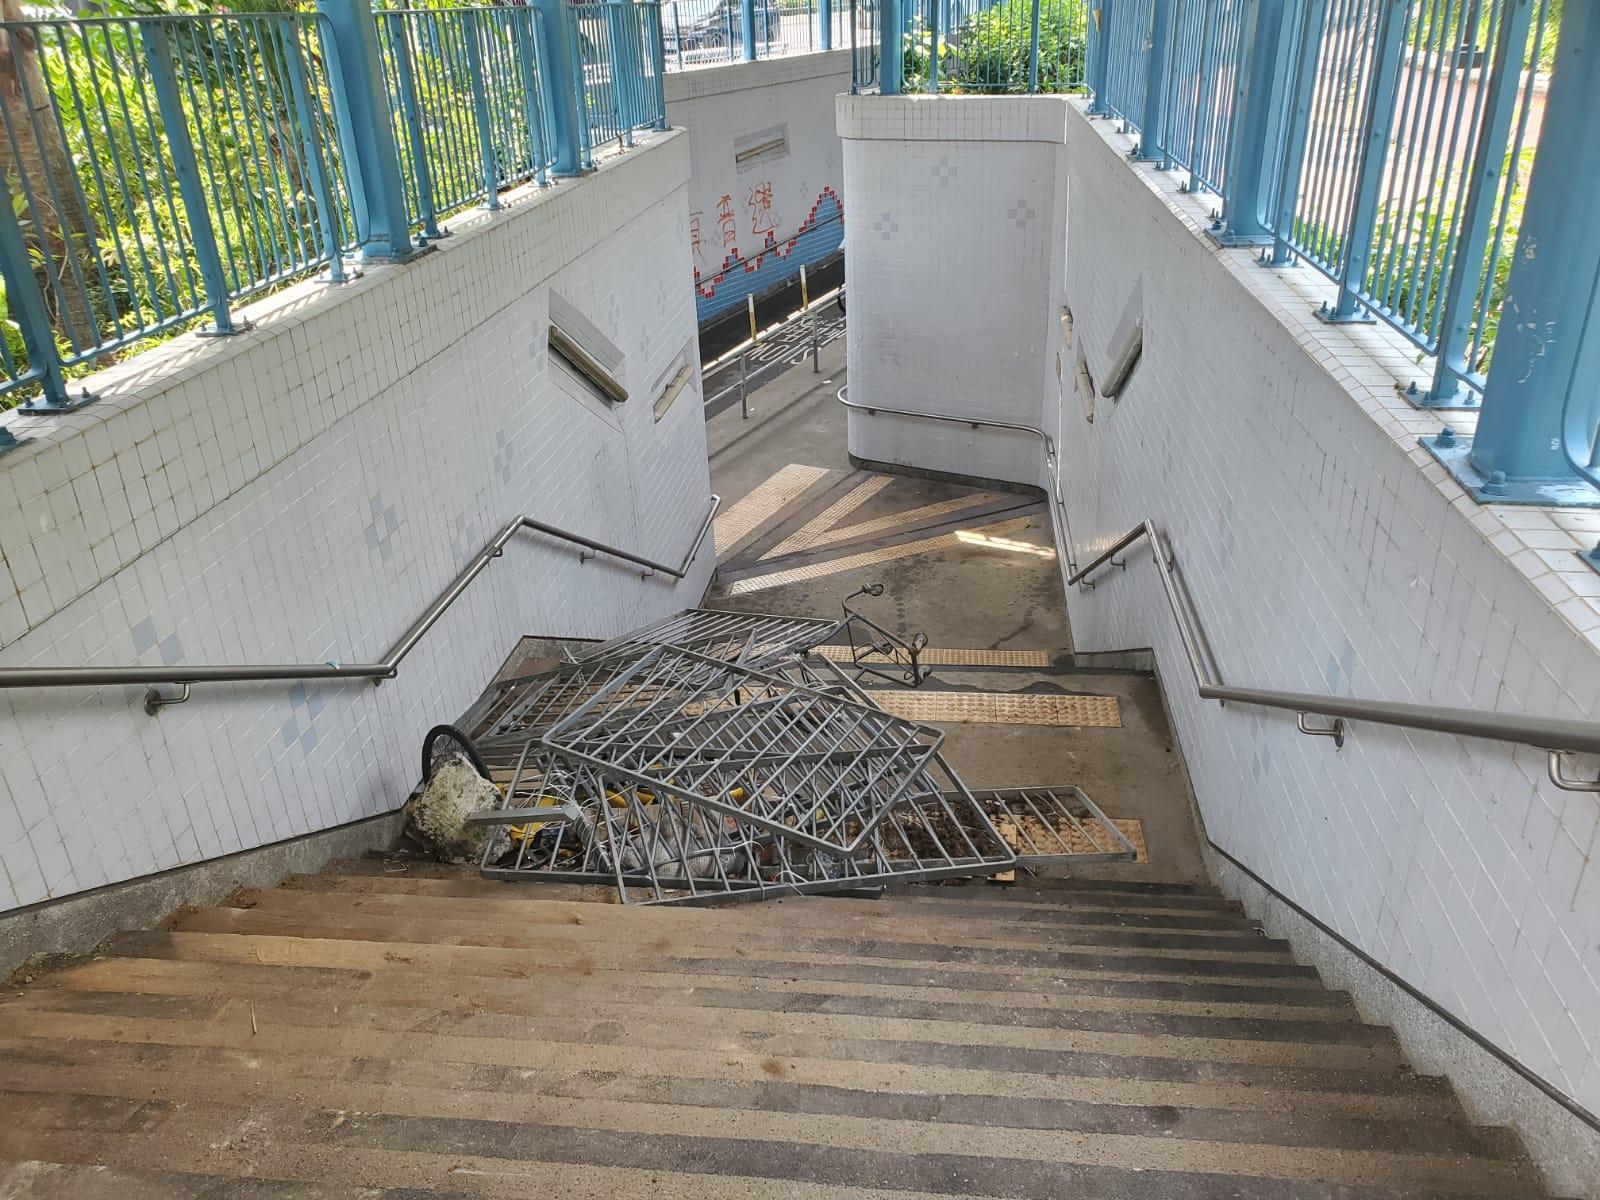 隧道樓梯堆有懷疑被拆下的鐵欄。